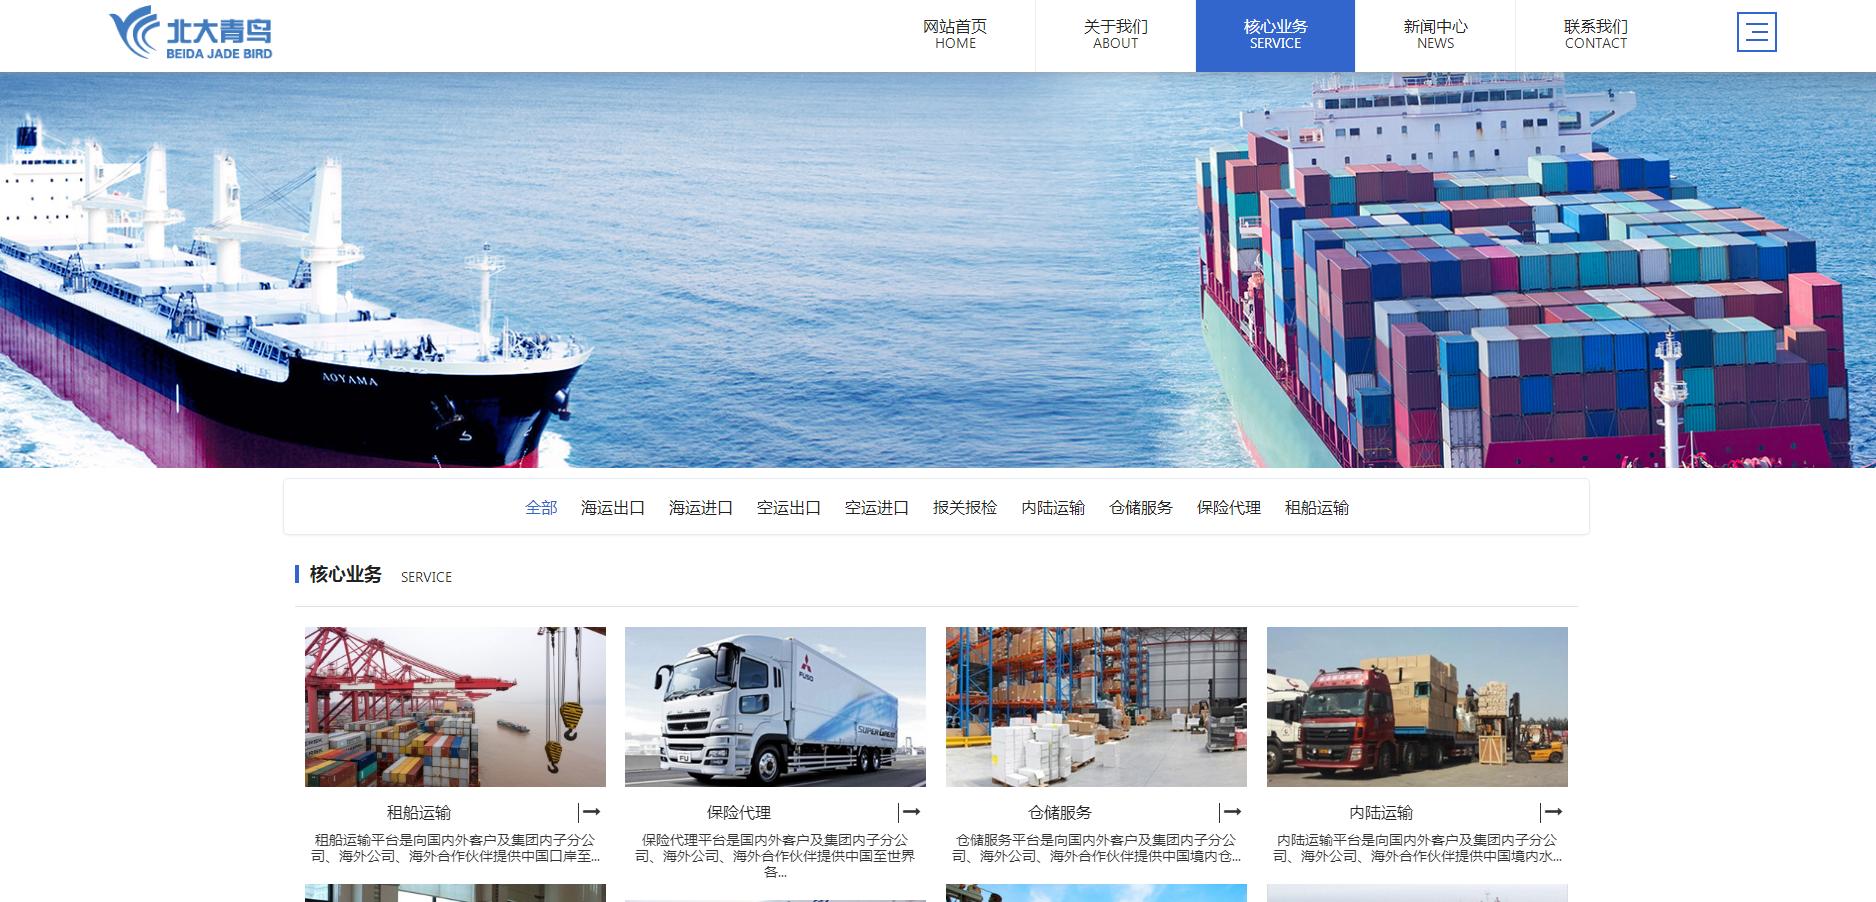 深圳网站建设公司案例